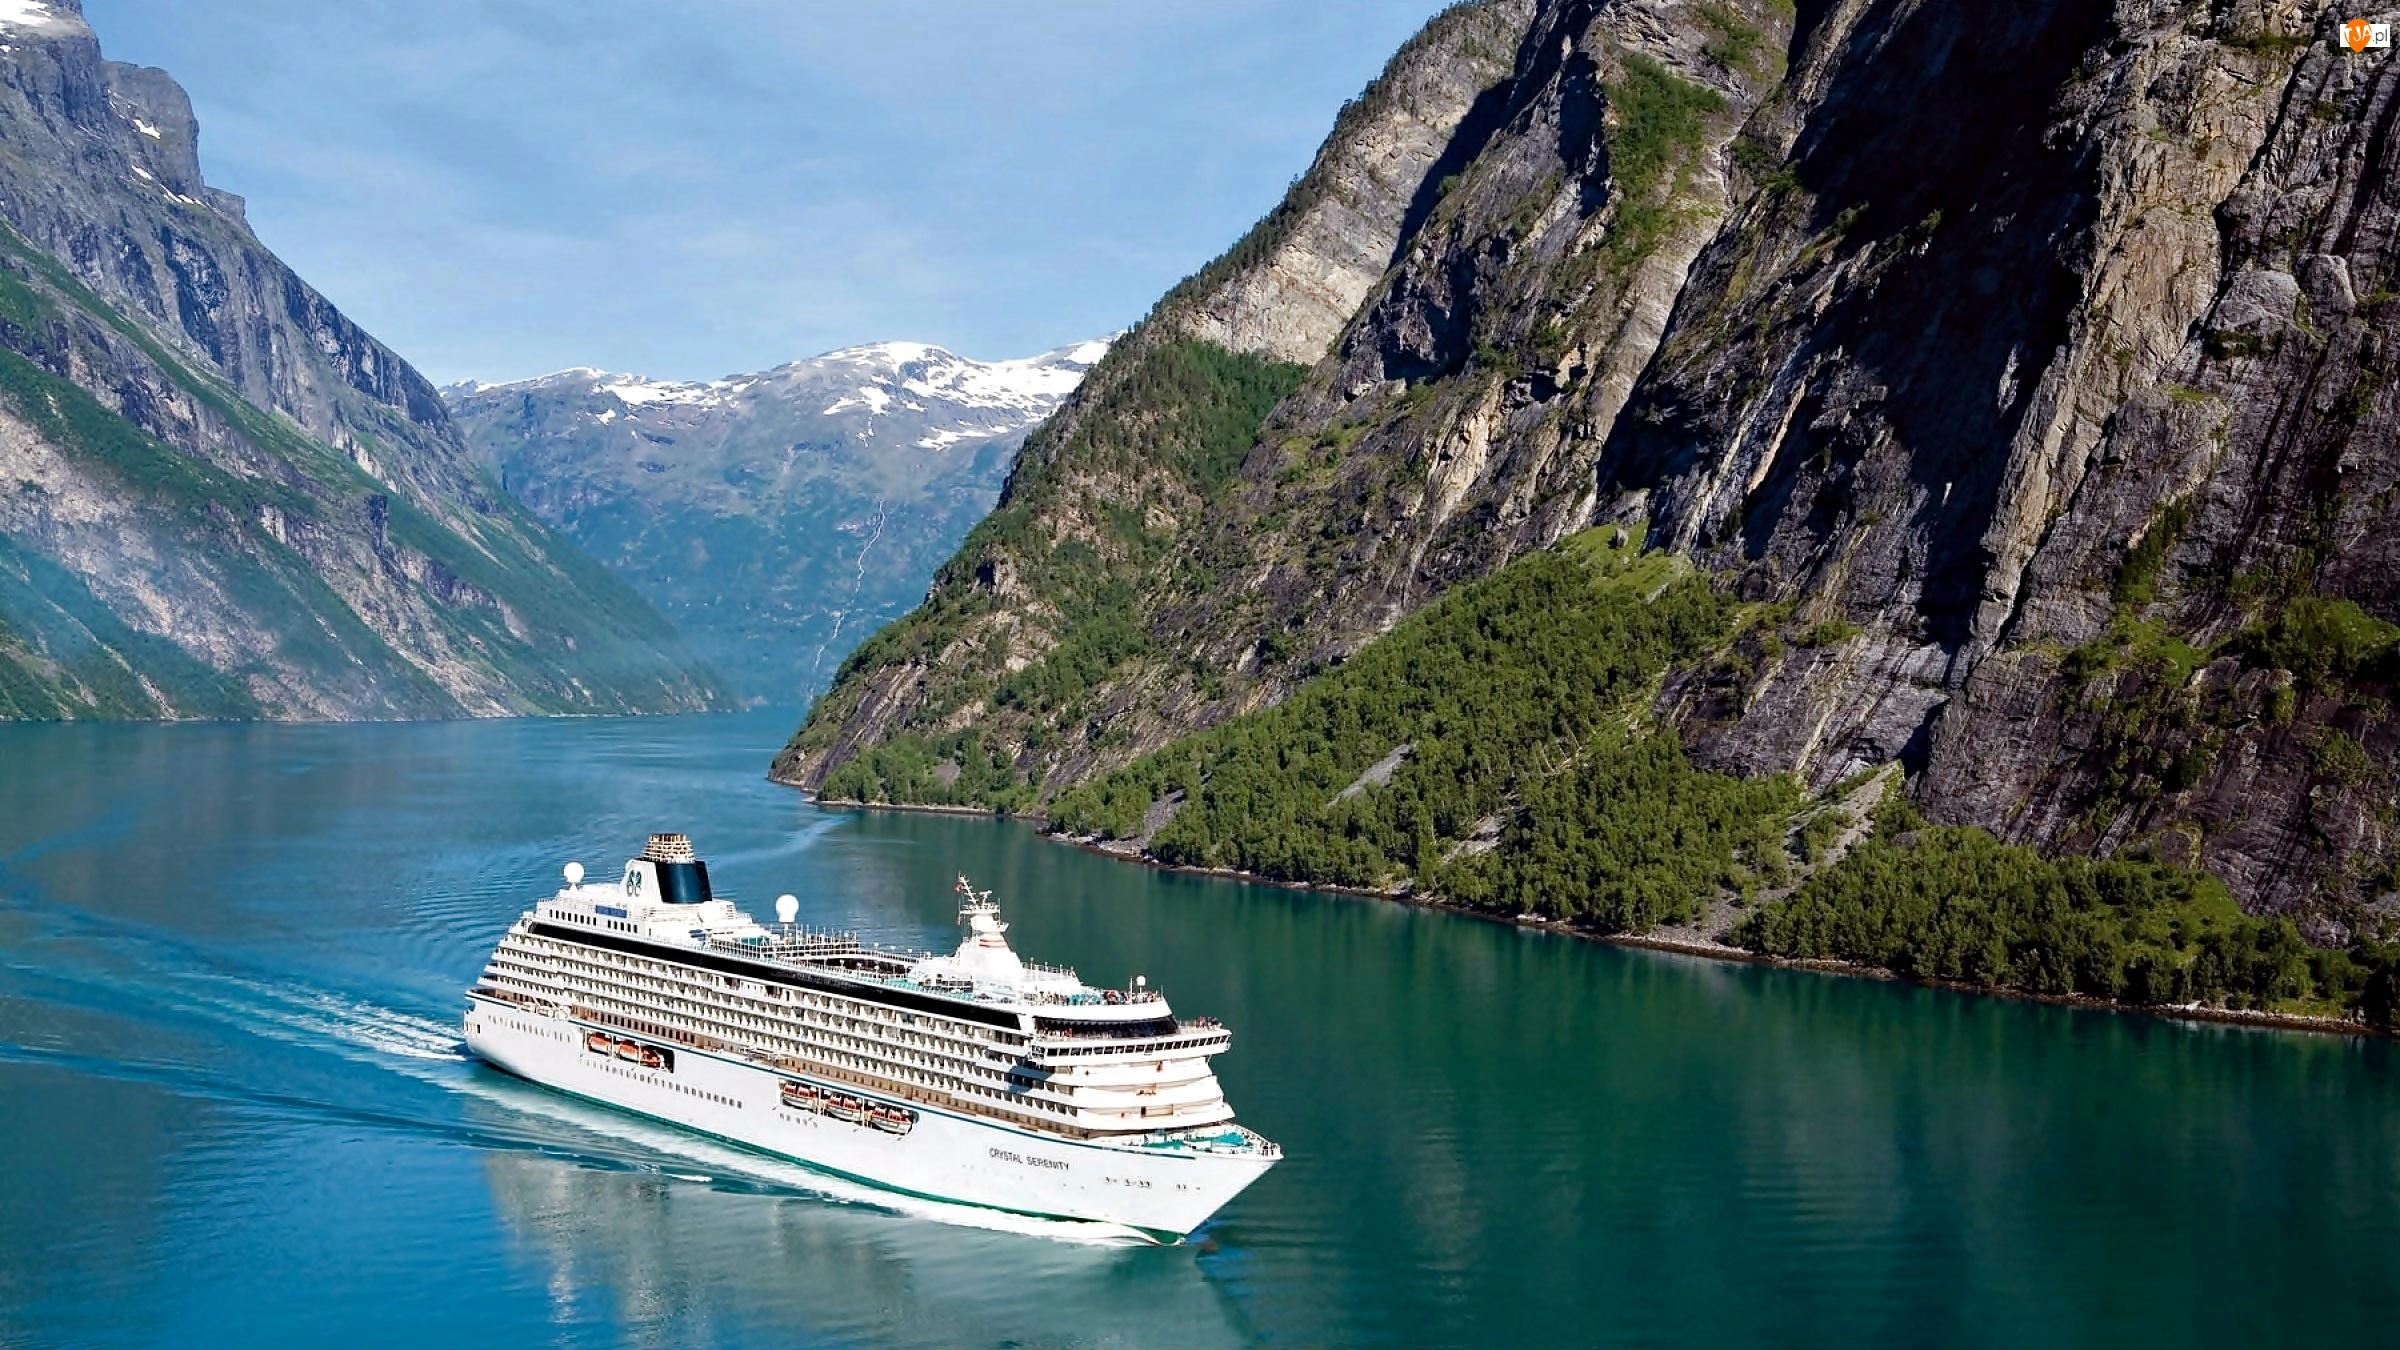 Norwegia, Statek, Góry, Fiord Geirangerfjorden